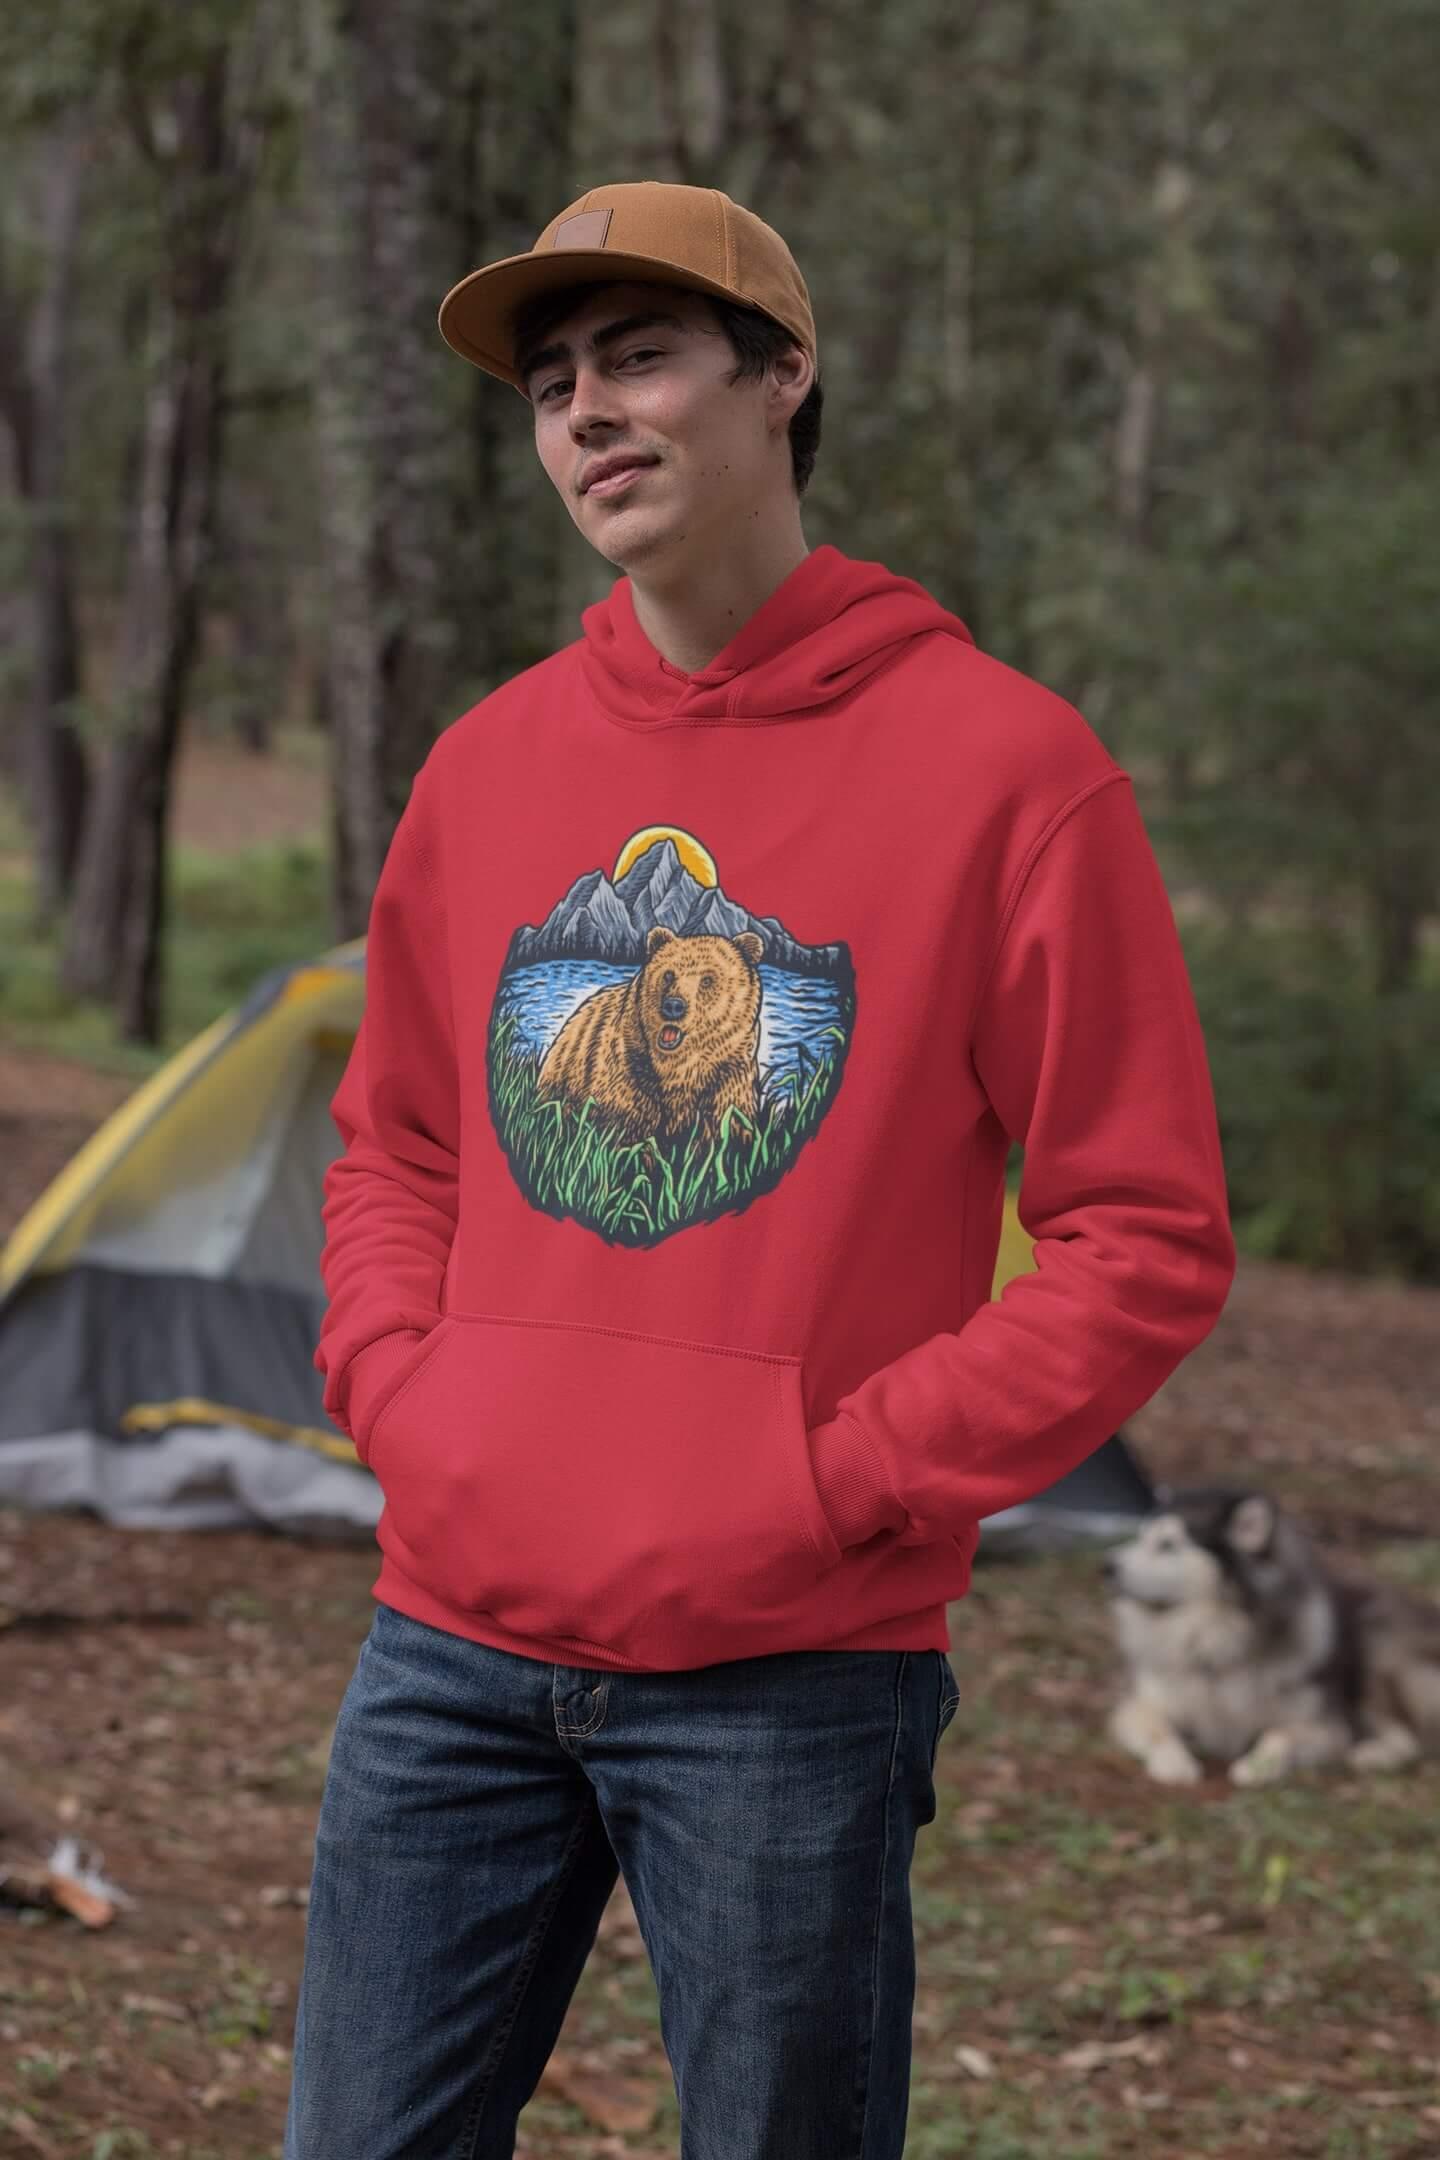 MMO Pánska mikina s kapucňou Bear Vyberte farbu: Červená, Vyberte veľkosť: M